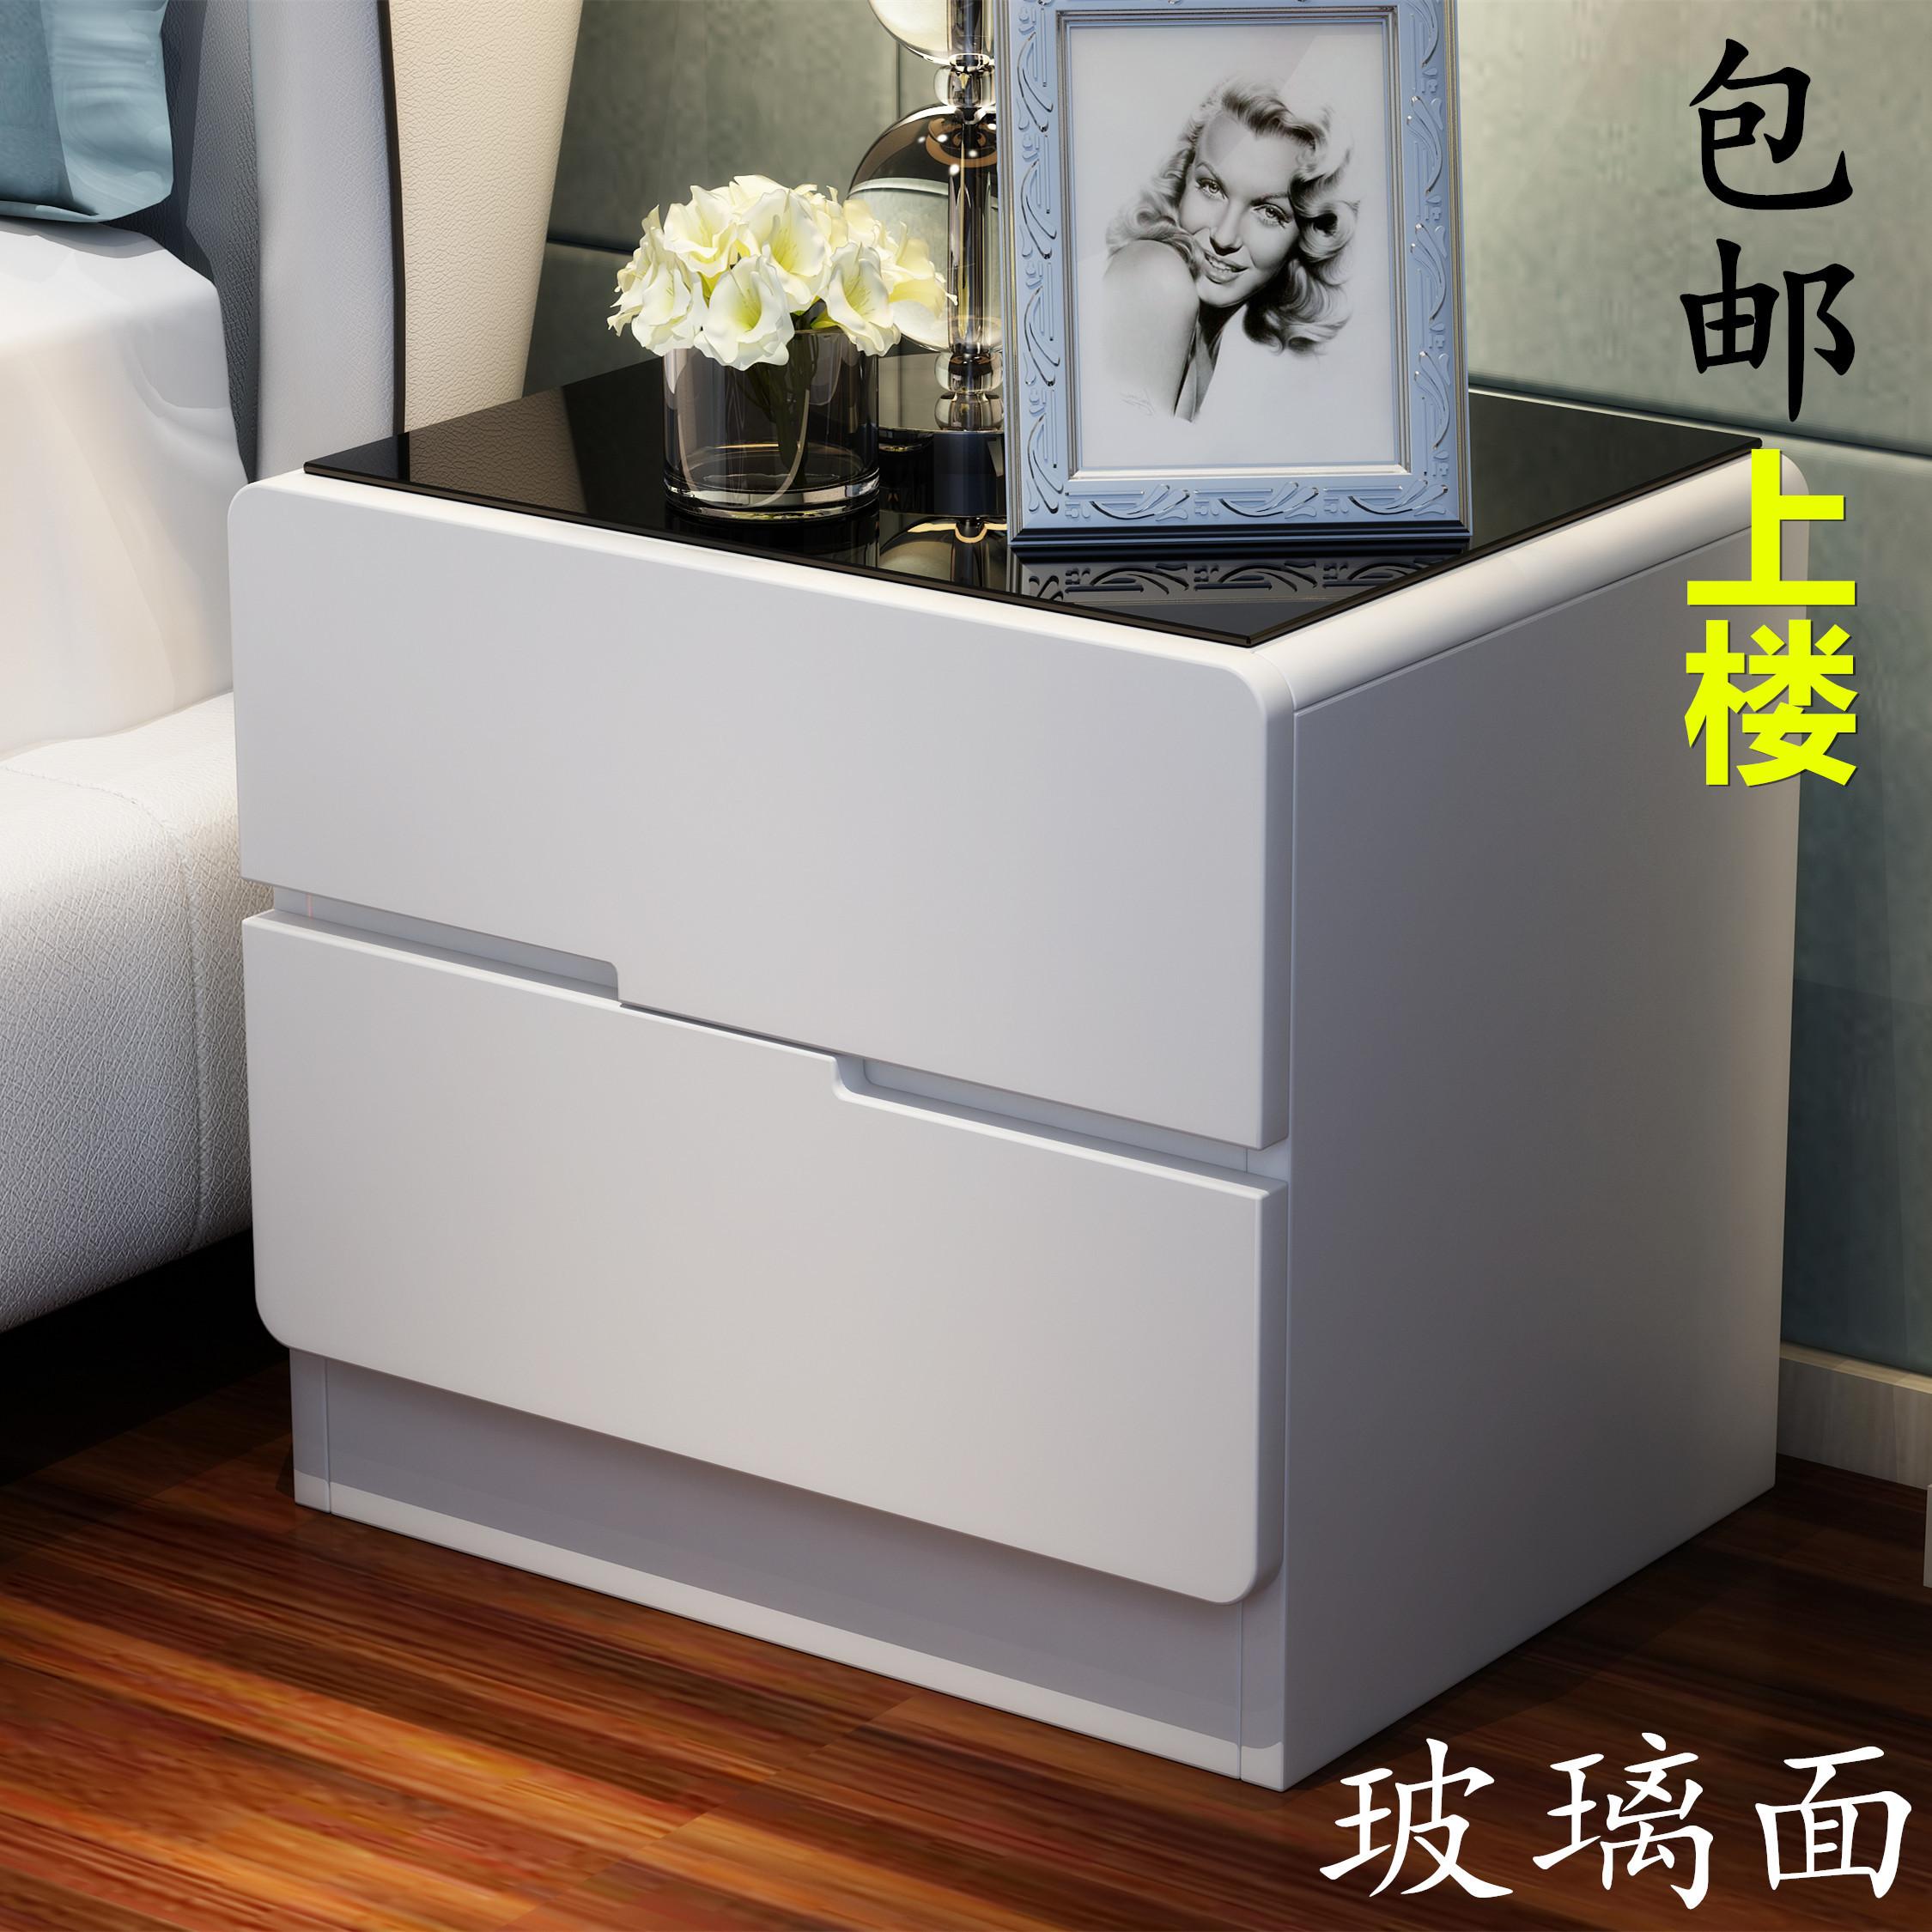 Купить Прикроватные тумбочки в Китае, в интернет магазине таобао на русском языке